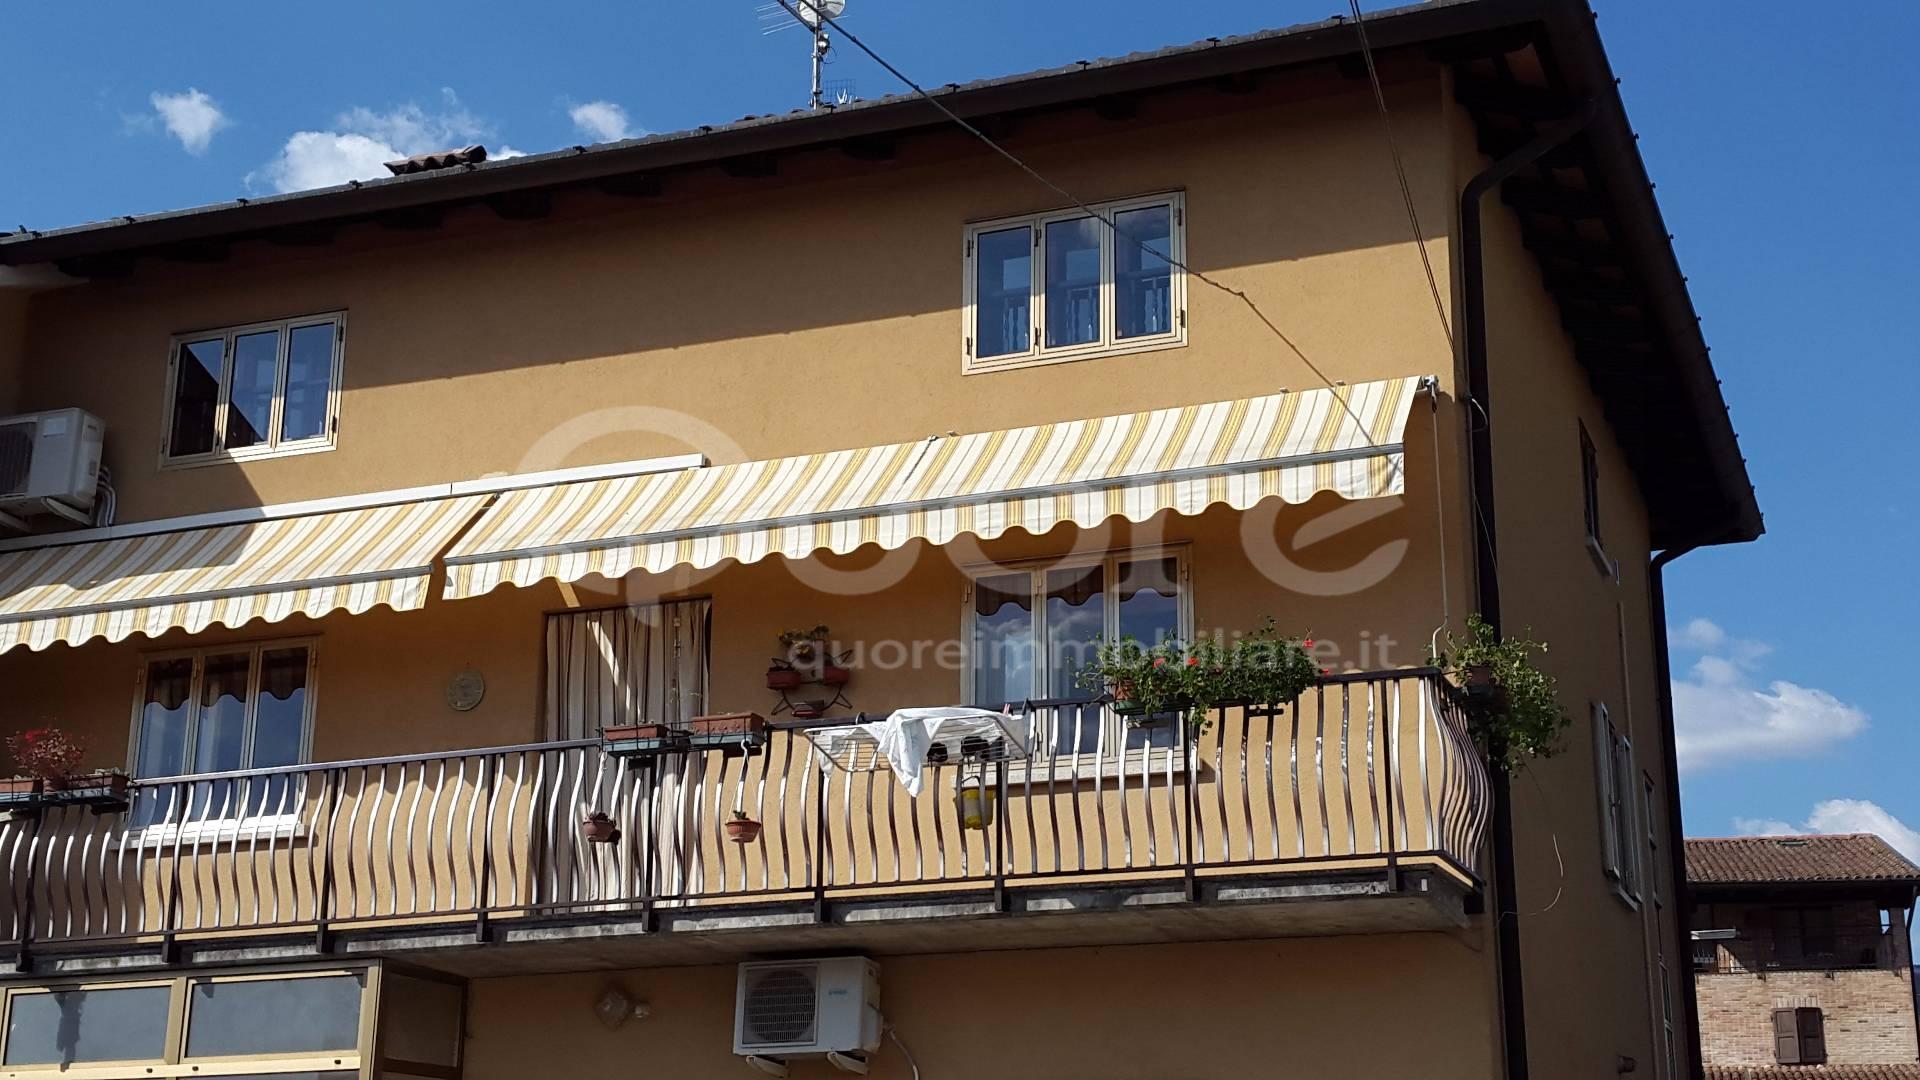 Soluzione Semindipendente in vendita a Faedis, 5 locali, prezzo € 93.000 | Cambio Casa.it